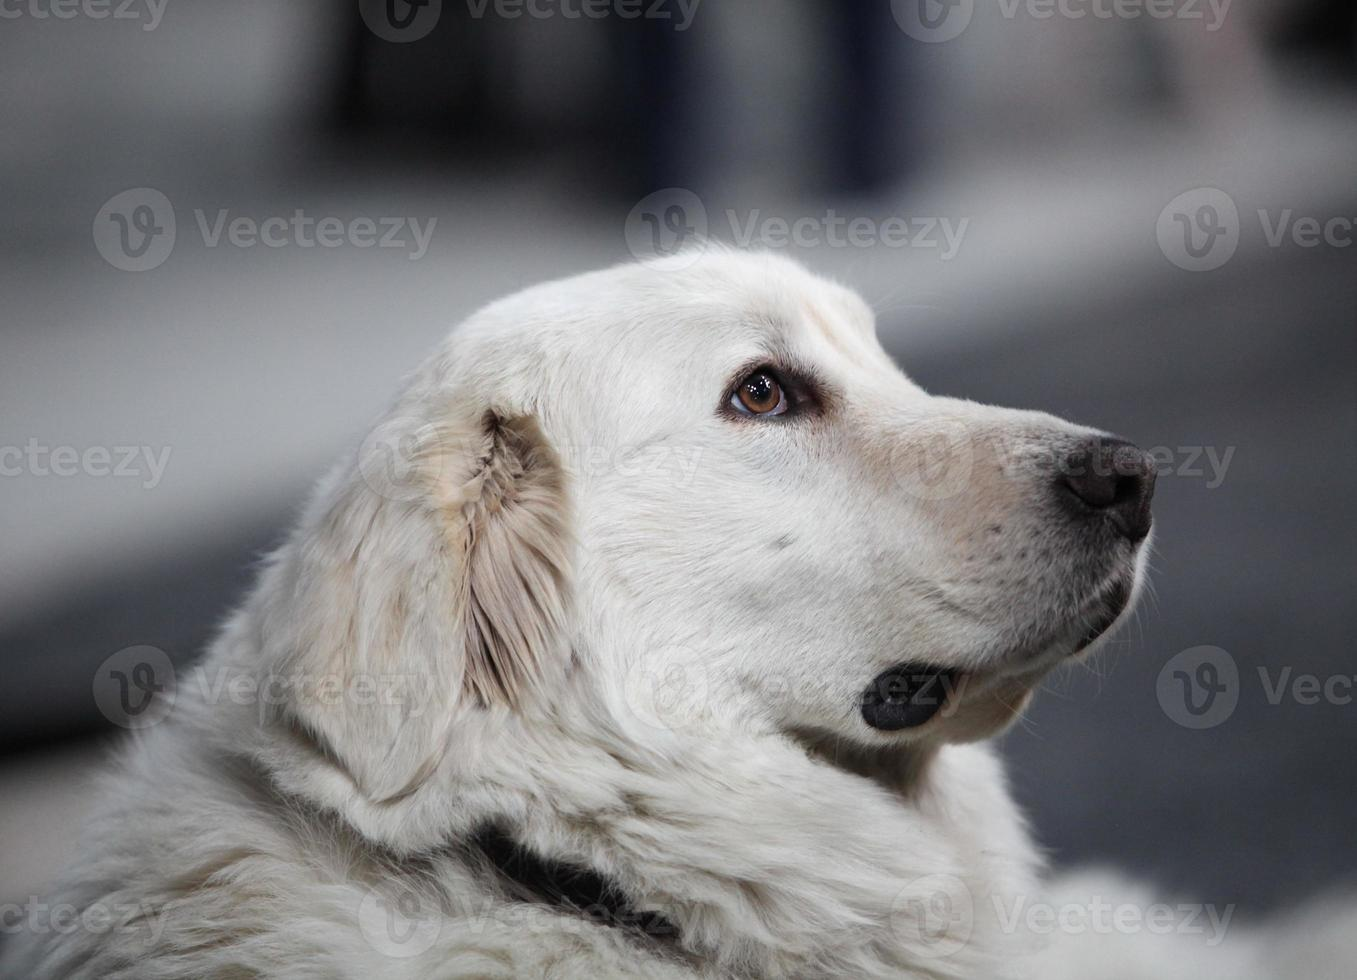 lato della testa del grande cane bianco foto